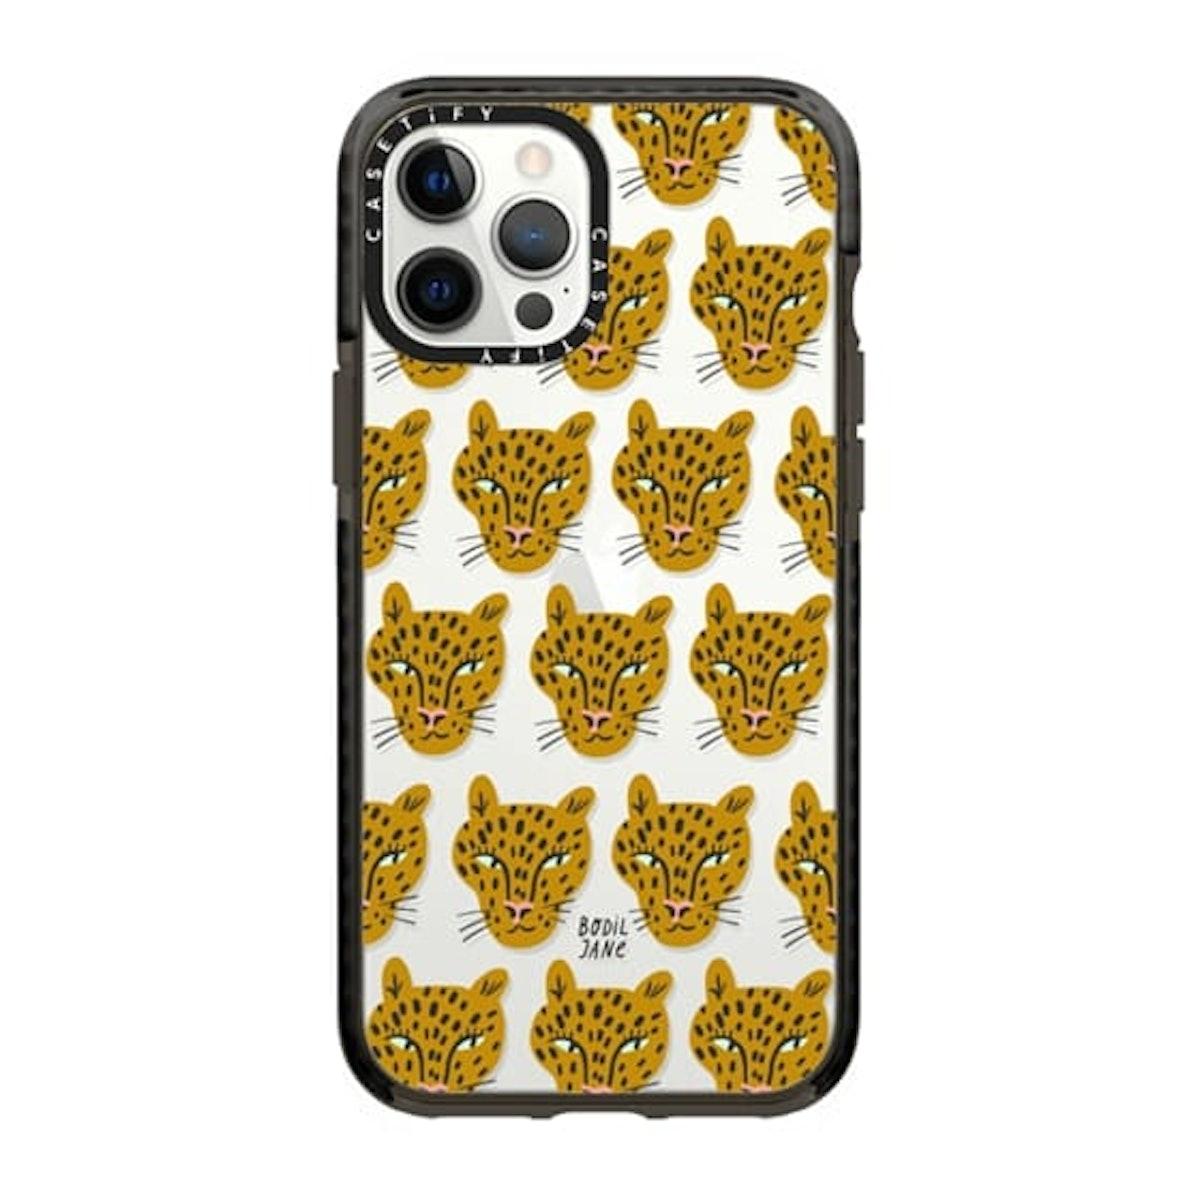 Leopards By Bodil Jane